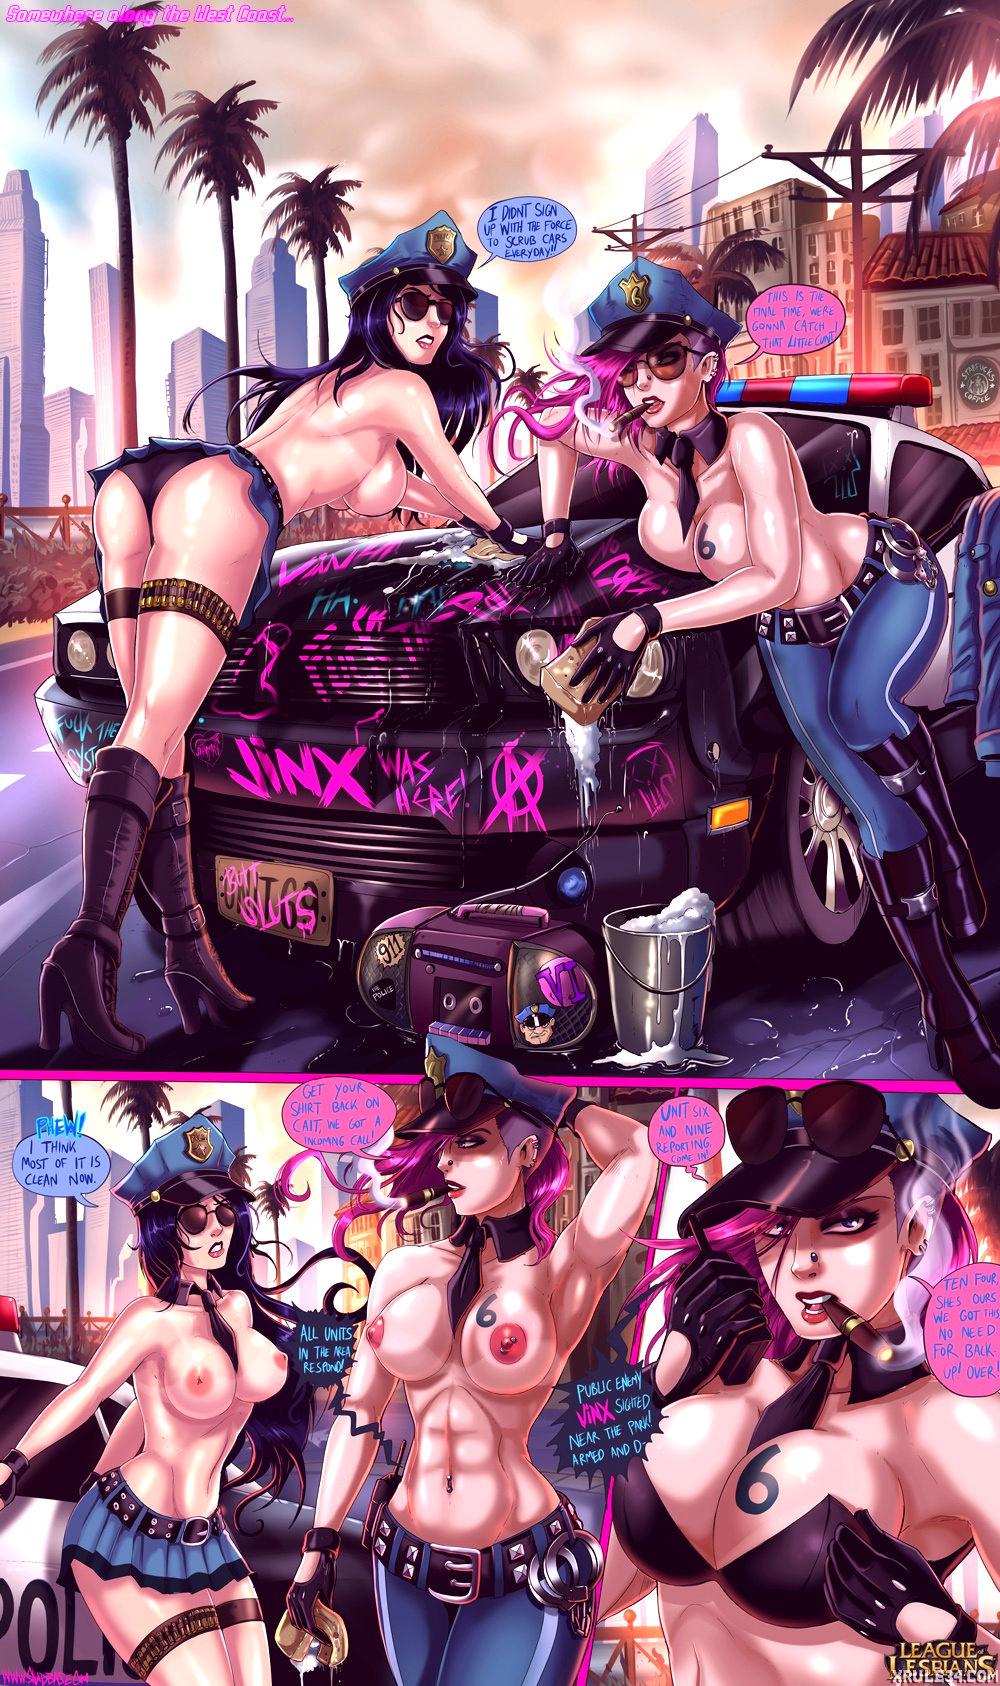 League of lesbians porn comic picture 2